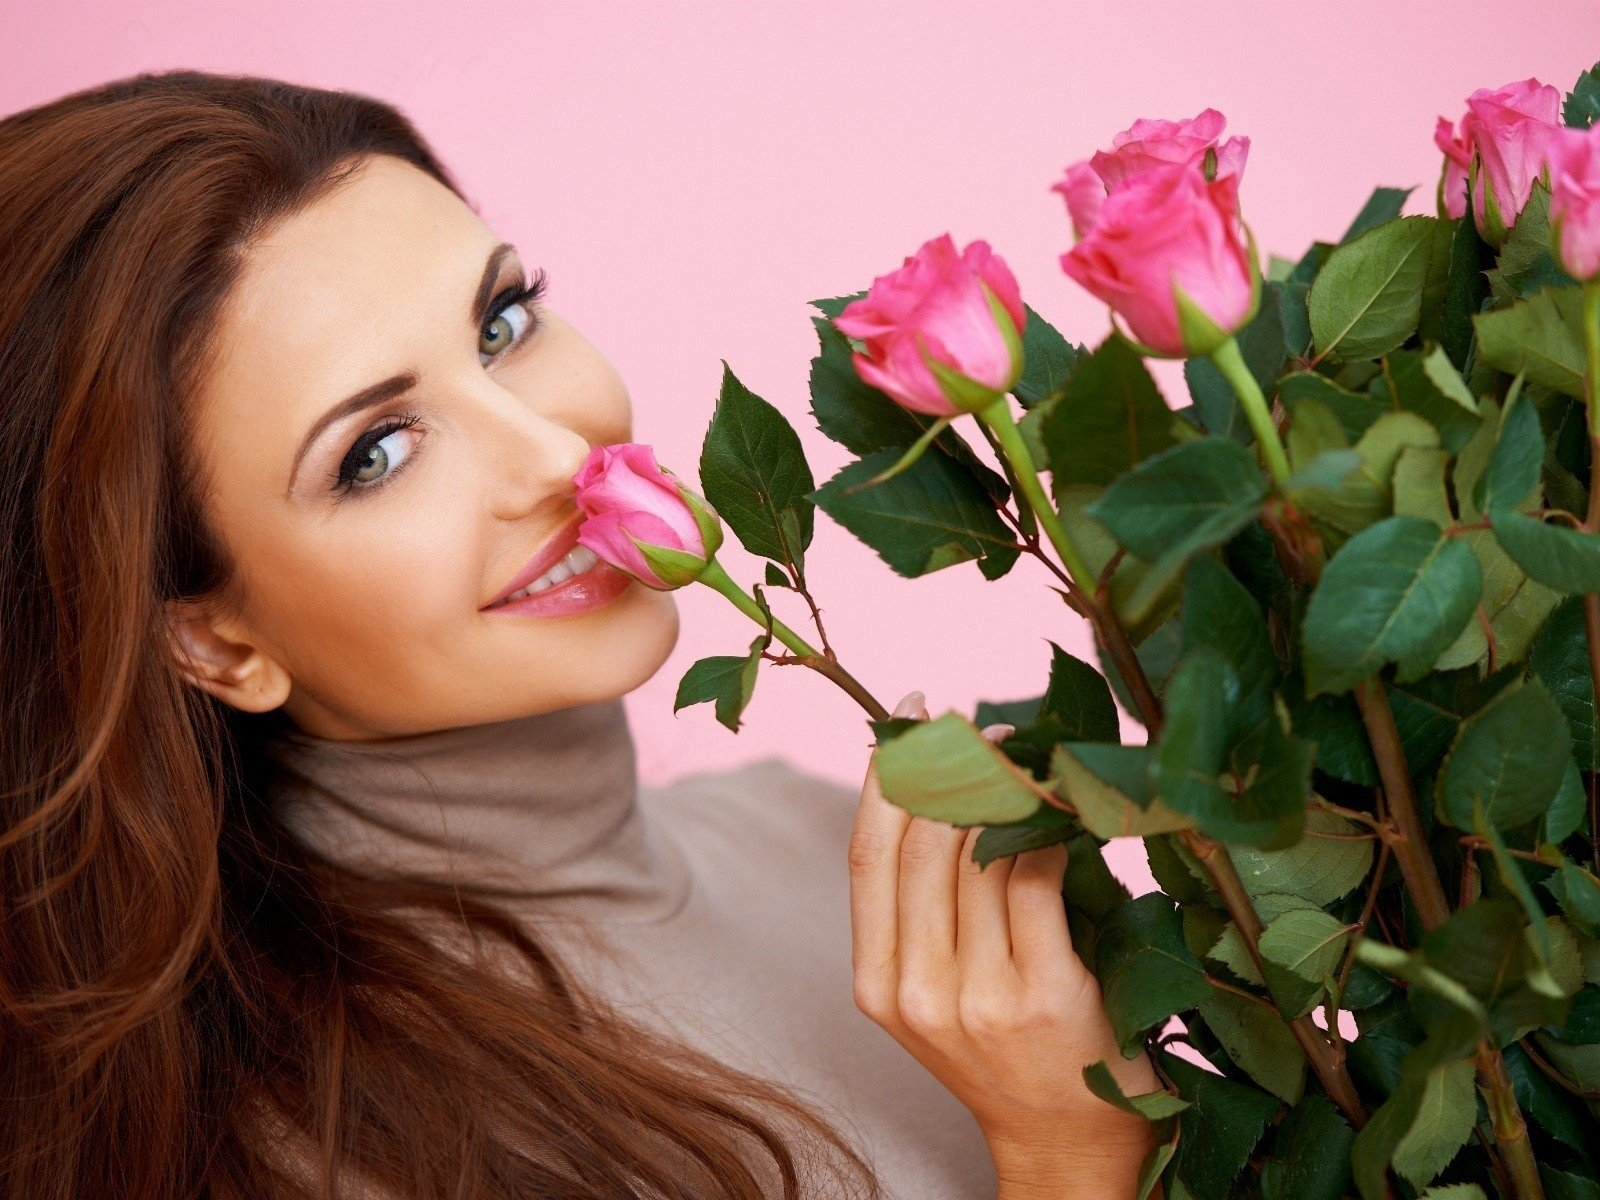 Цветы открытки с девушками